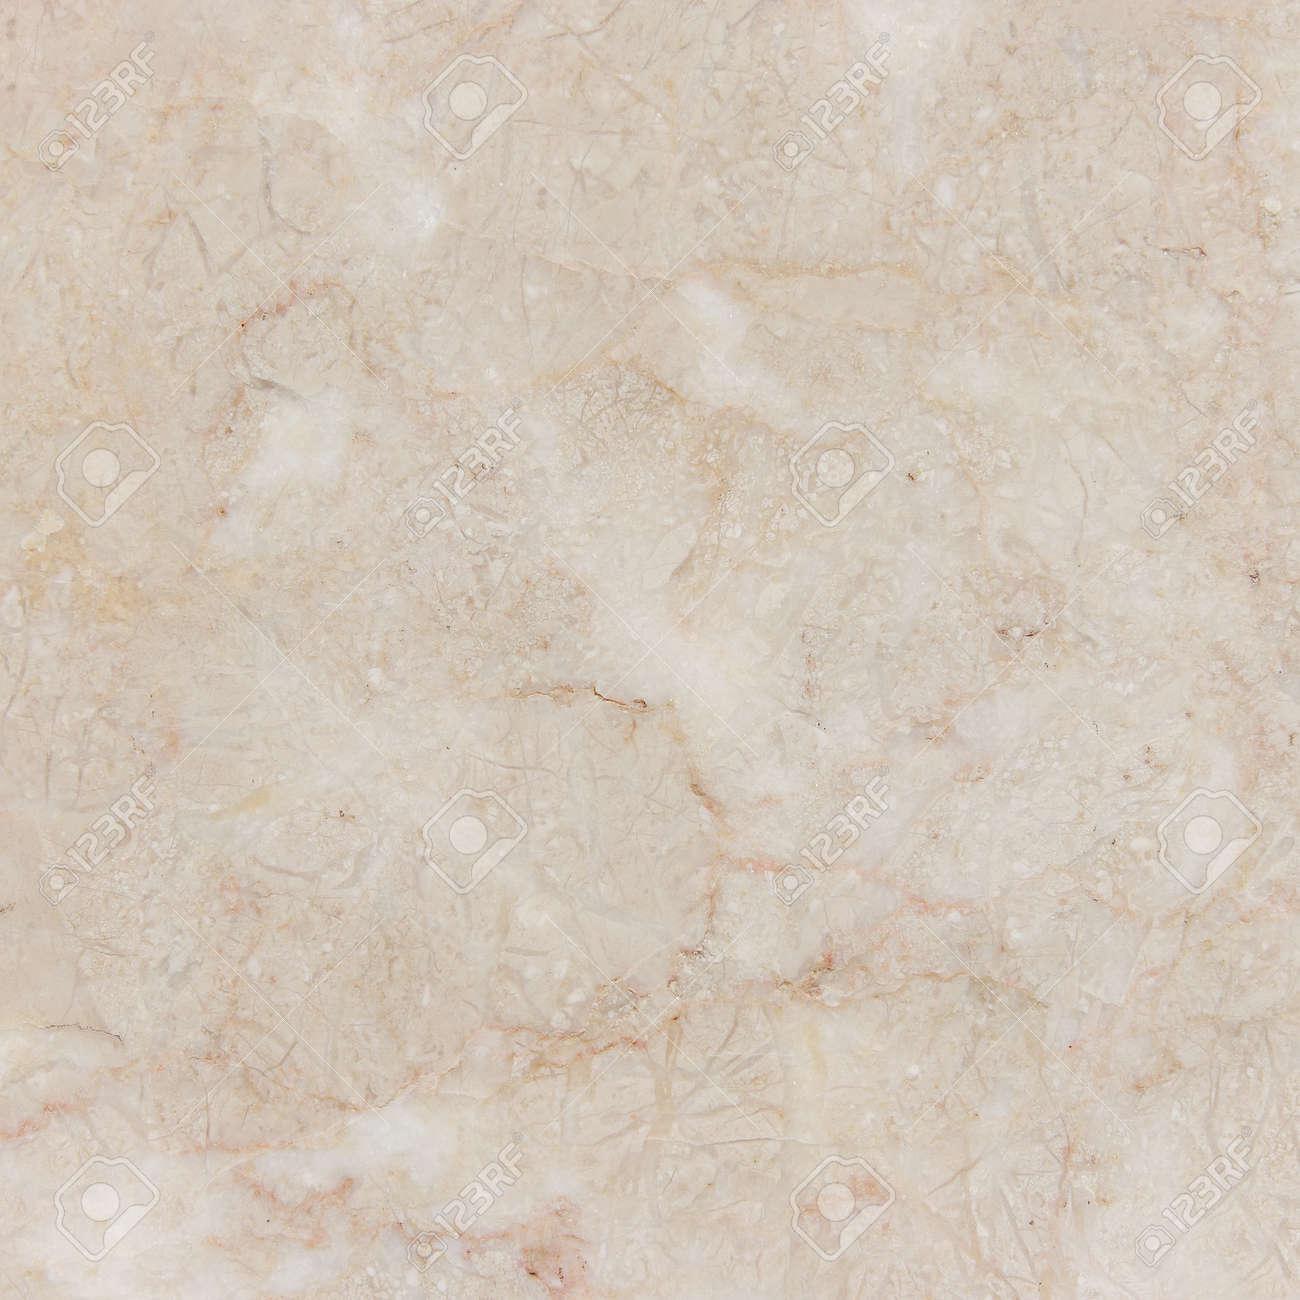 自然のパターンと大理石の背景。ベージュの大理石のテクスチャです。